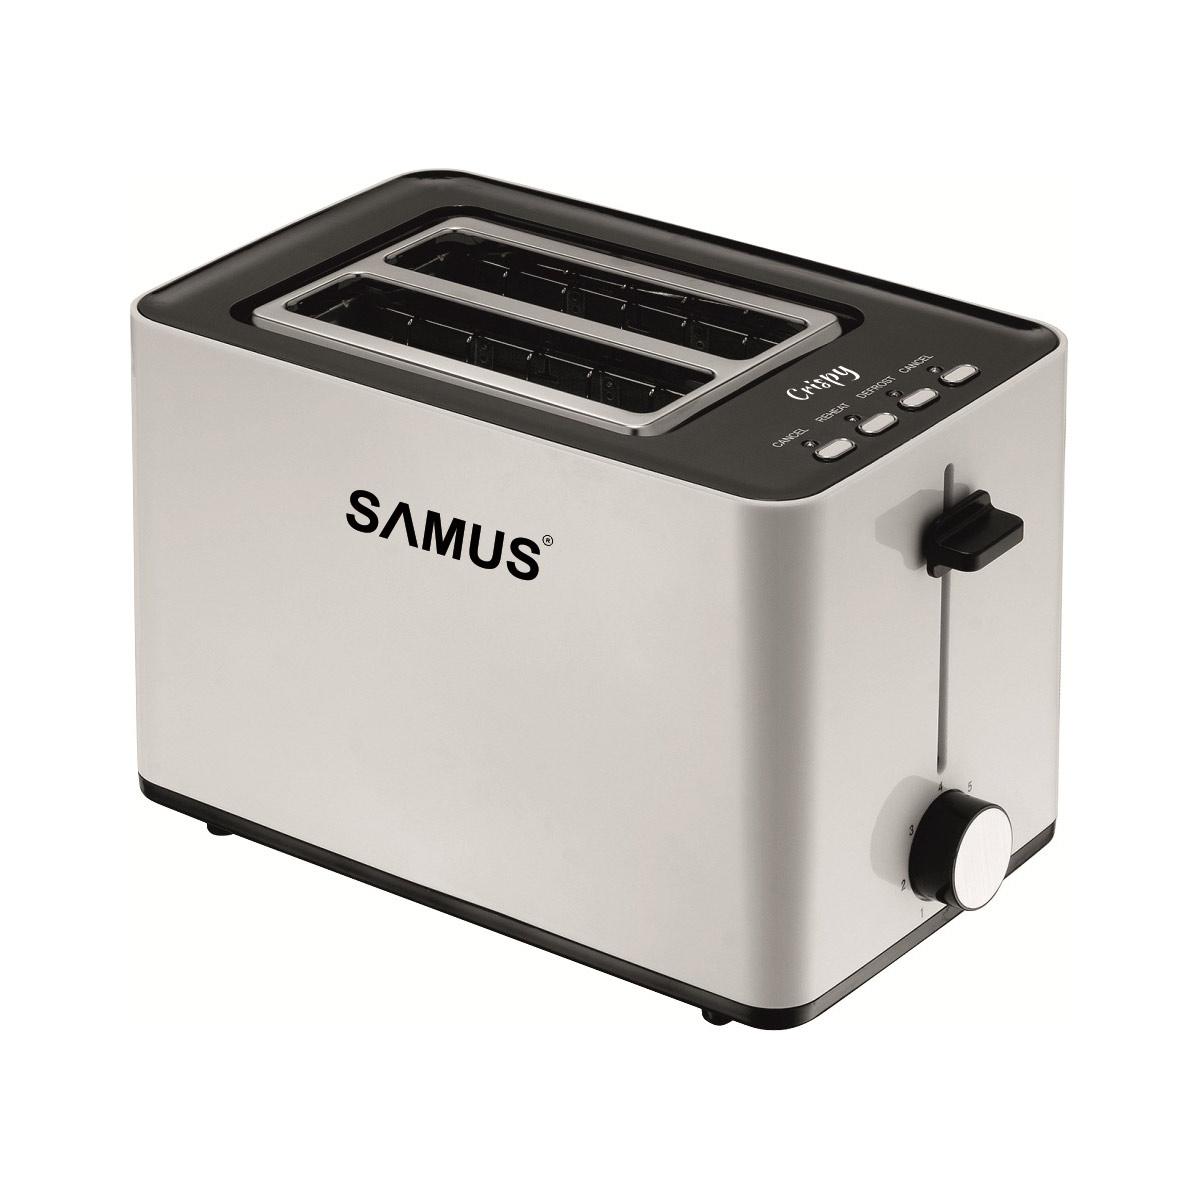 Prajitor de paine Samus Crispy, 850 W, 2 felii, 6 niveluri de prajire, Decongelare, Mecanism automat de ridicare a feliilor, Argintiu